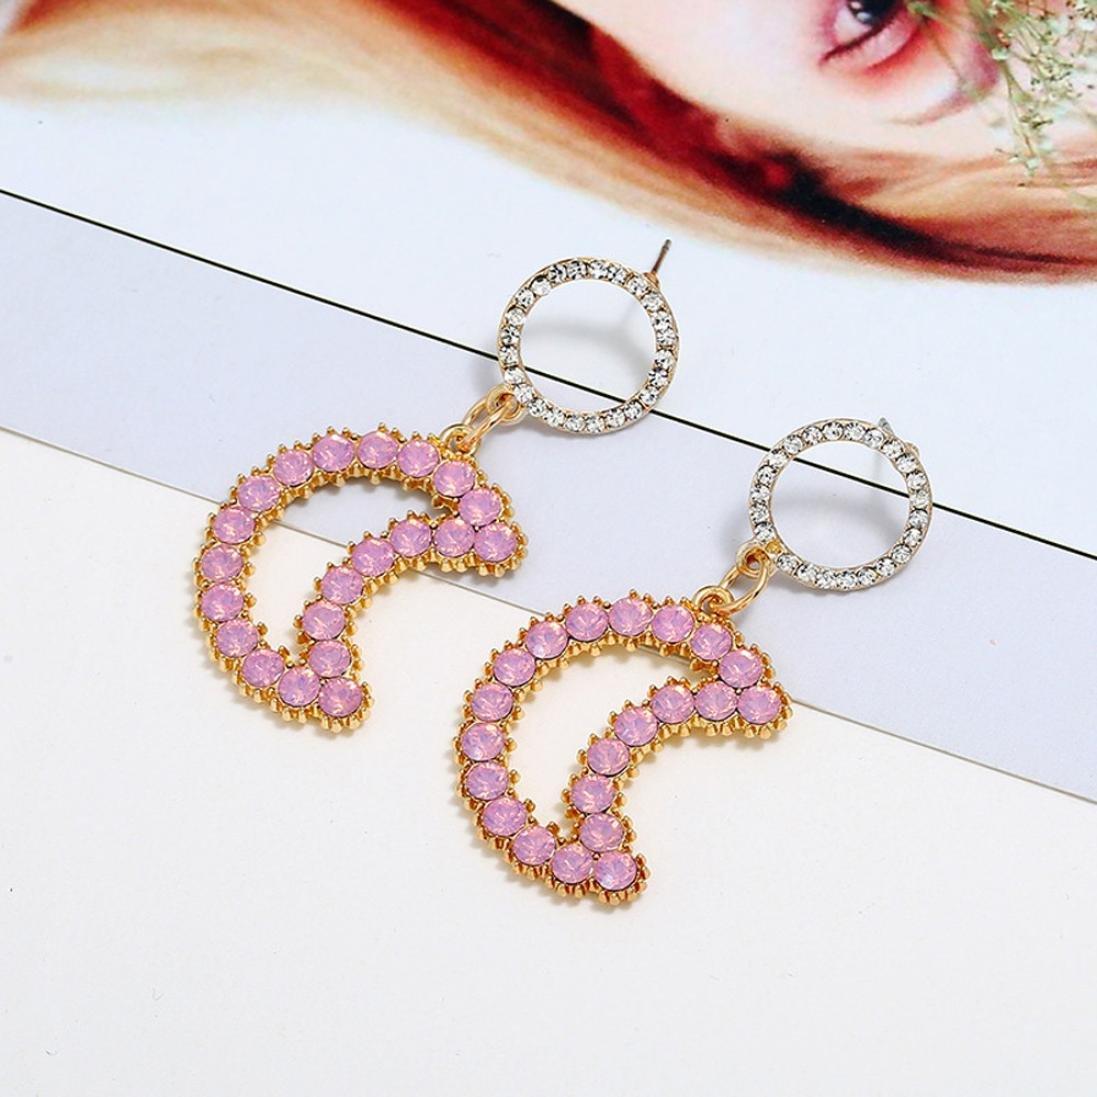 Womens Earrings ManxiVoo Rhinestone Moon Dangle Drop Ear Stud Earrings for Girls